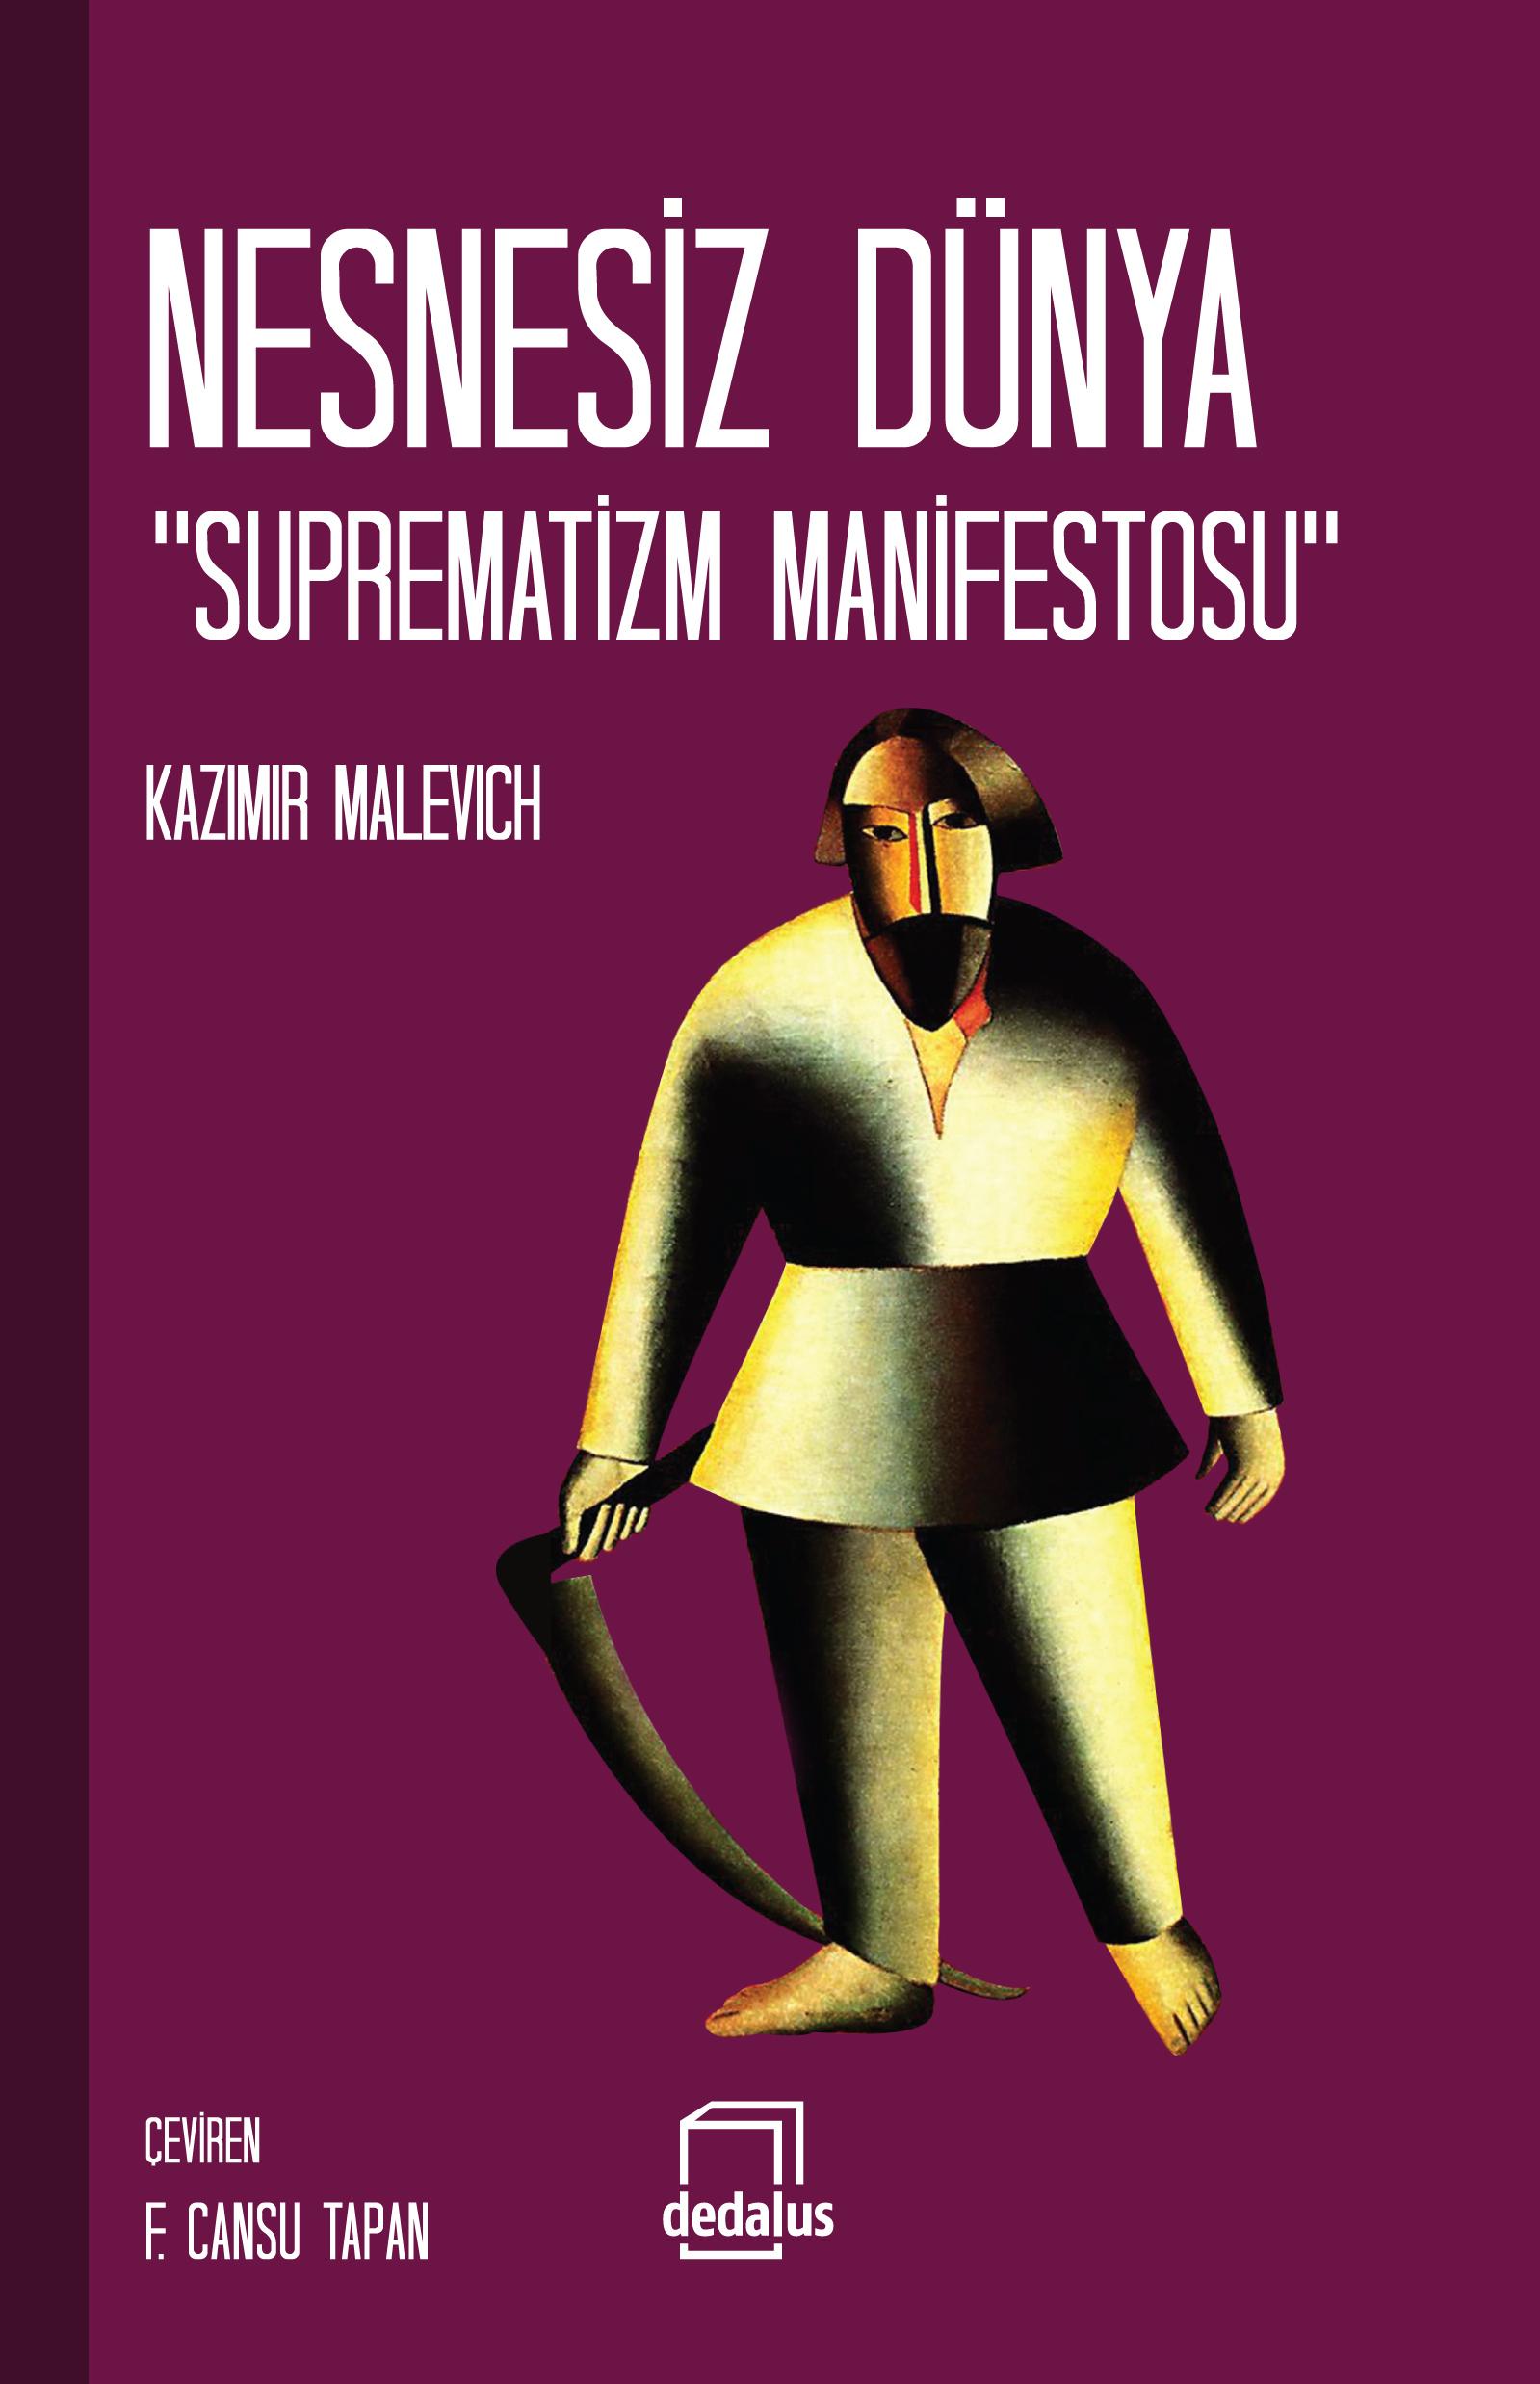 Nesnesiz Dünya Suprematizm Manifestosu Kazimir Malevich